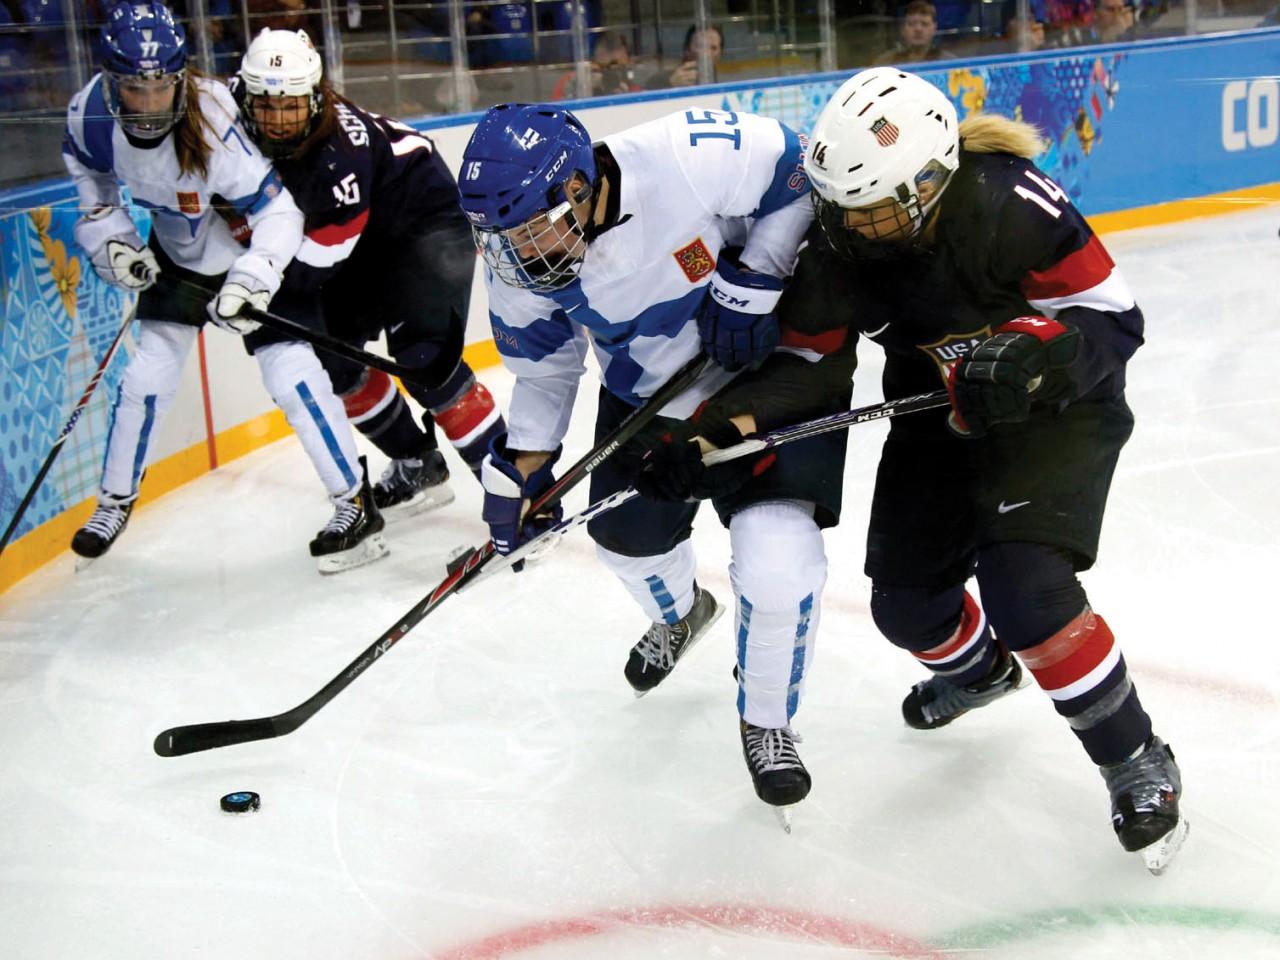 USA-Hocky-Player-2